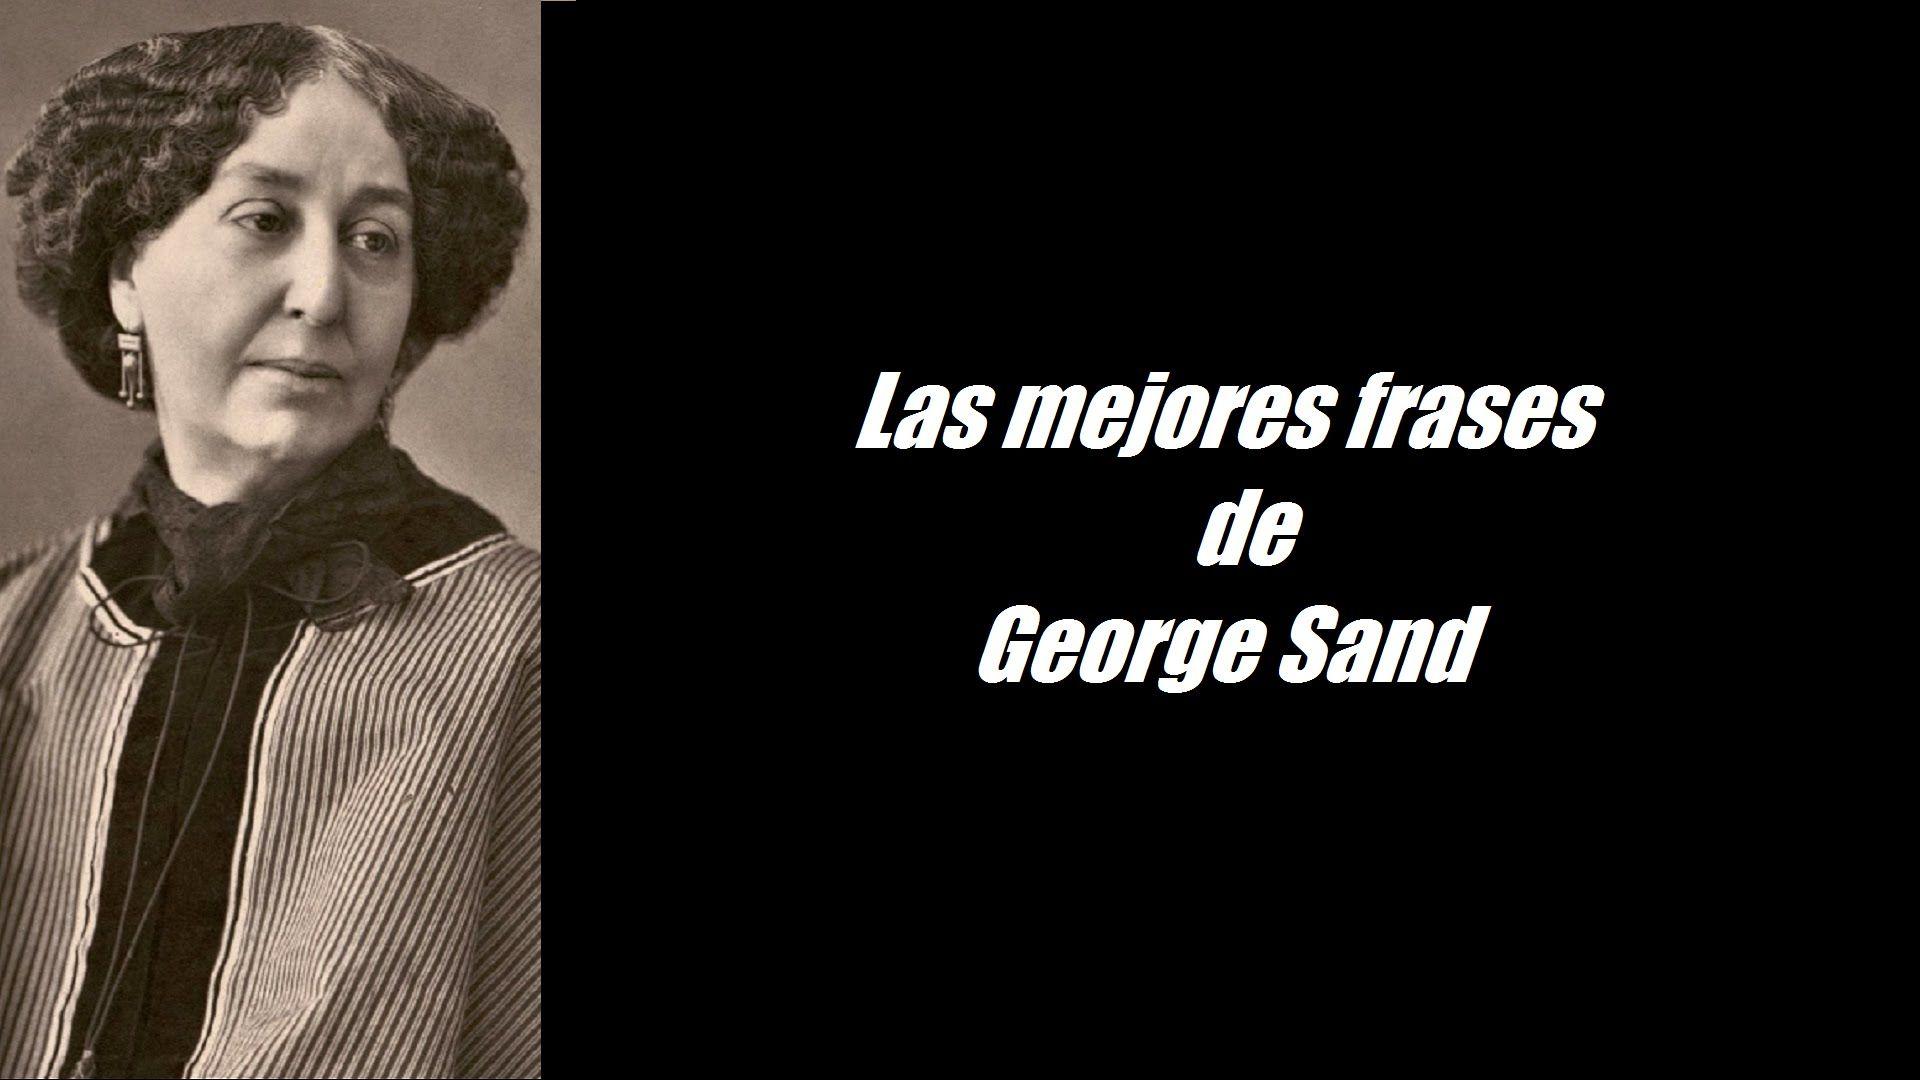 Frases célebres de George Sand